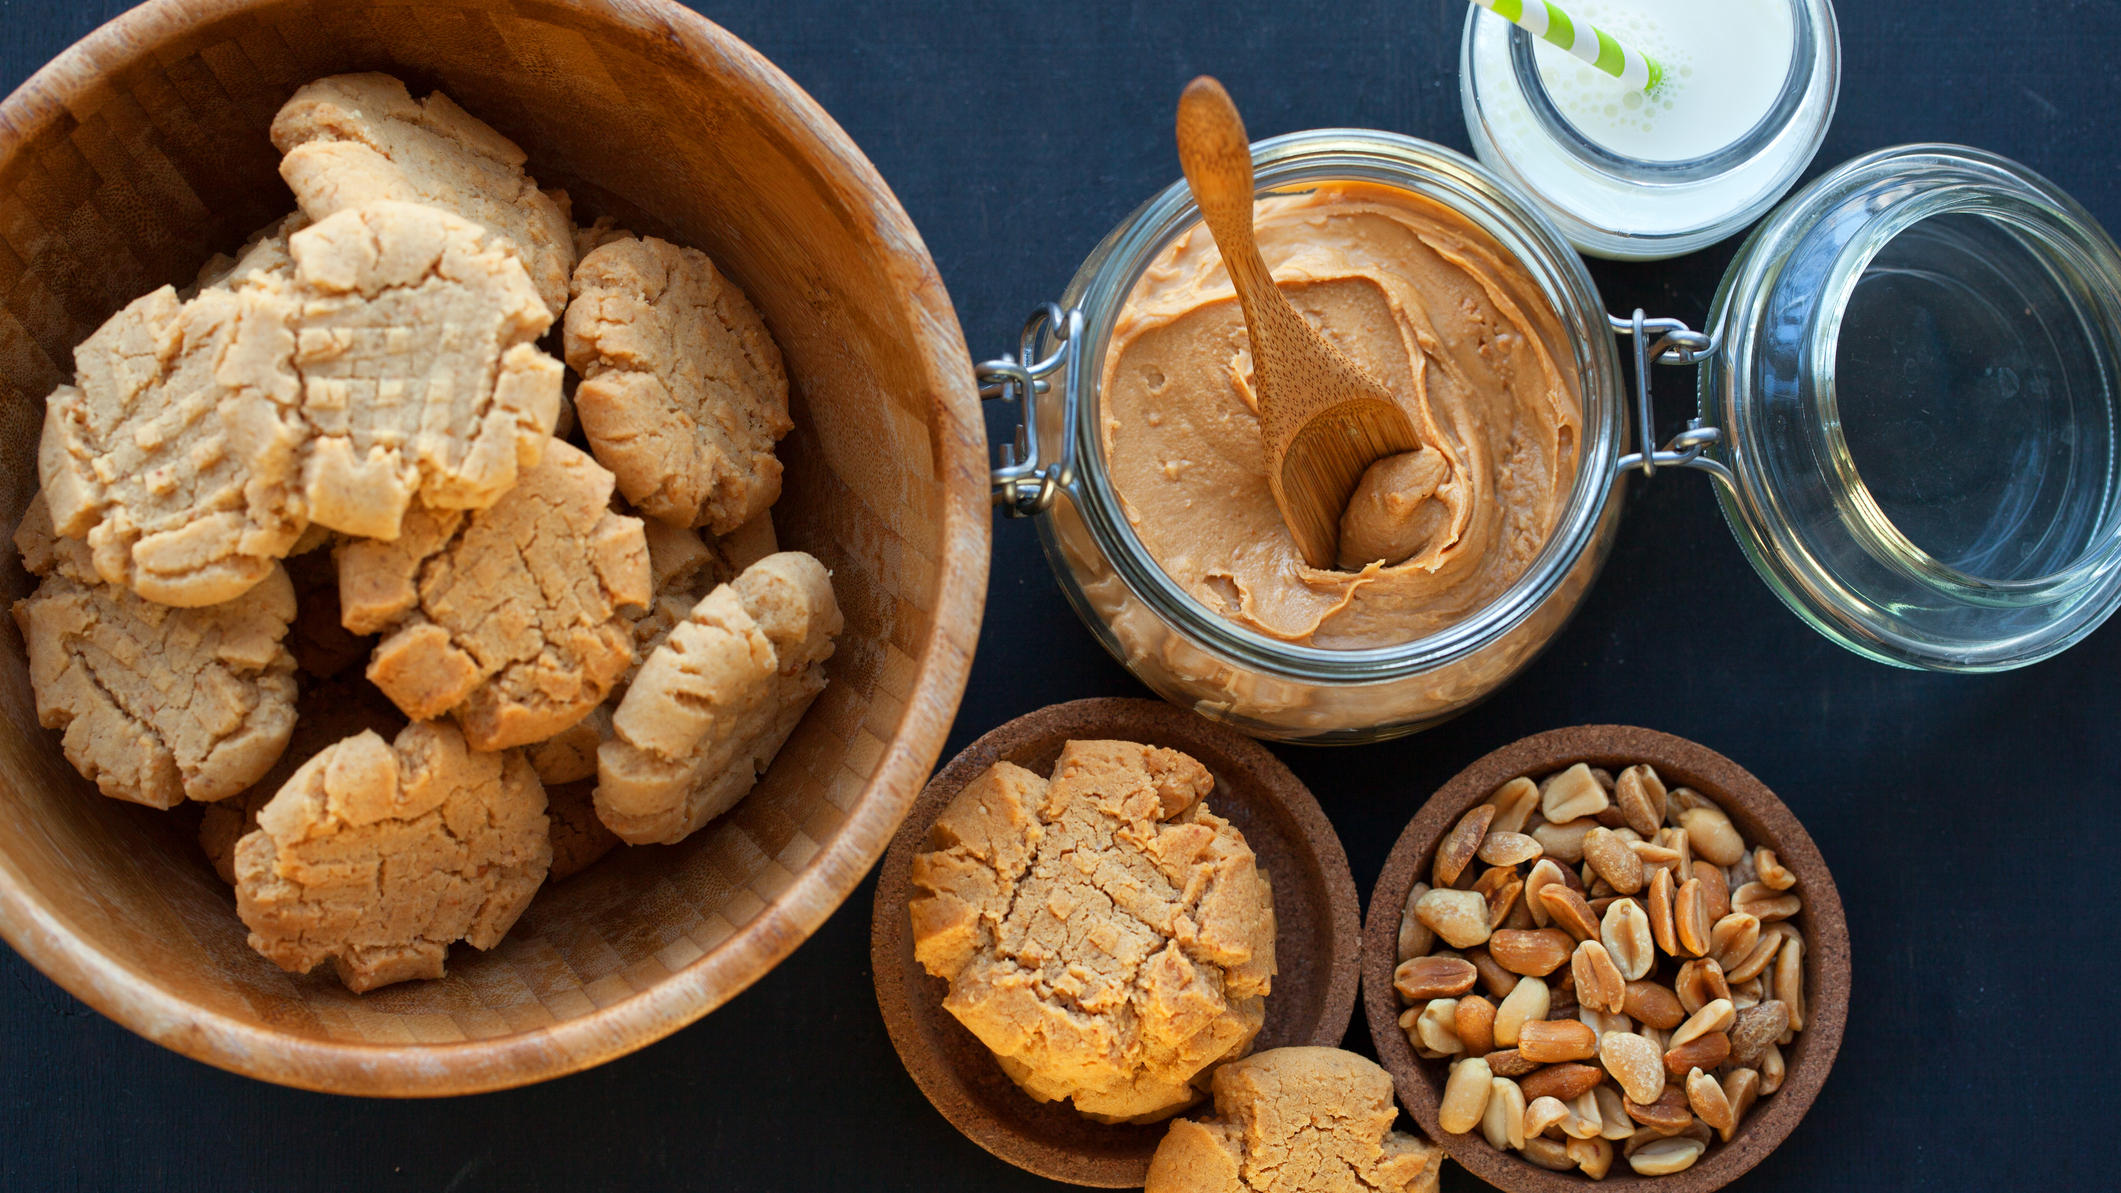 Glutenfreie Plätzchen aus nur 3 Zutaten backen: Diese Erdnussbutterkekse sind in 15 Minuten fertig